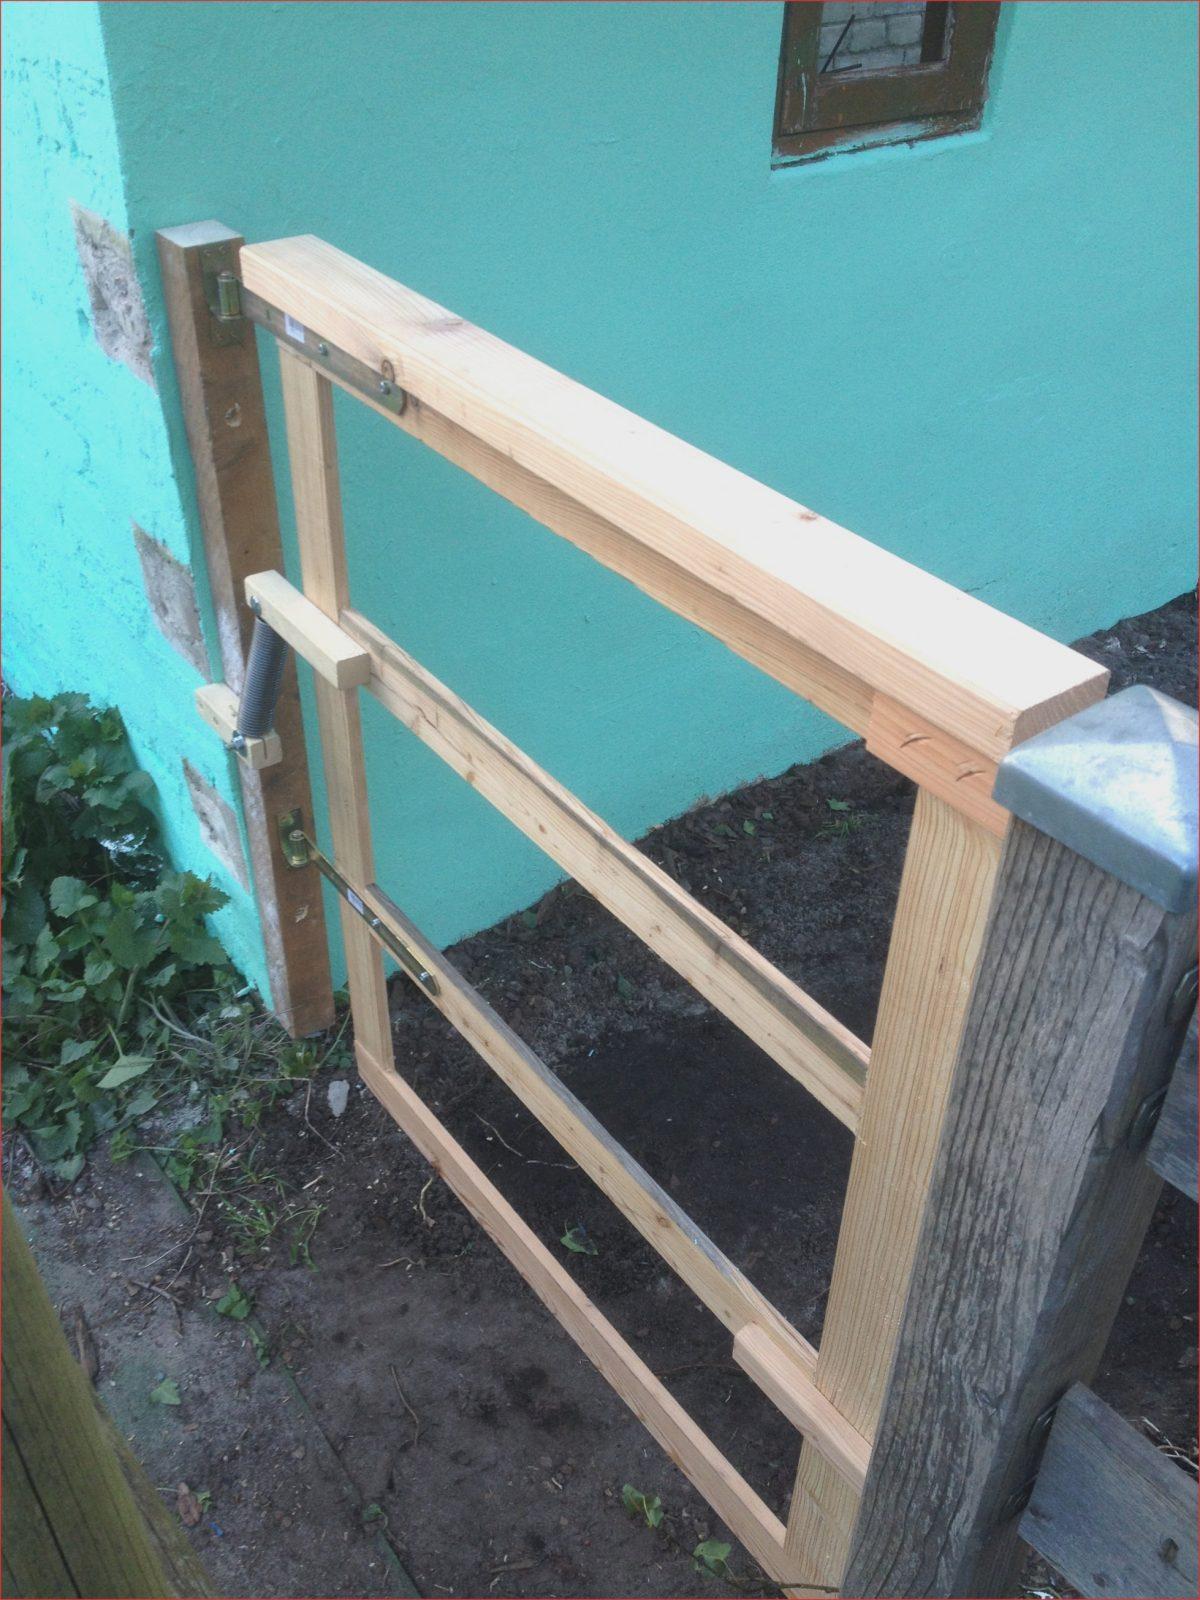 Gartentor Holz Selber Bauen Bauanleitung – Bvrao A72R Planen Für von Gartentor Selber Bauen Anleitung Bild